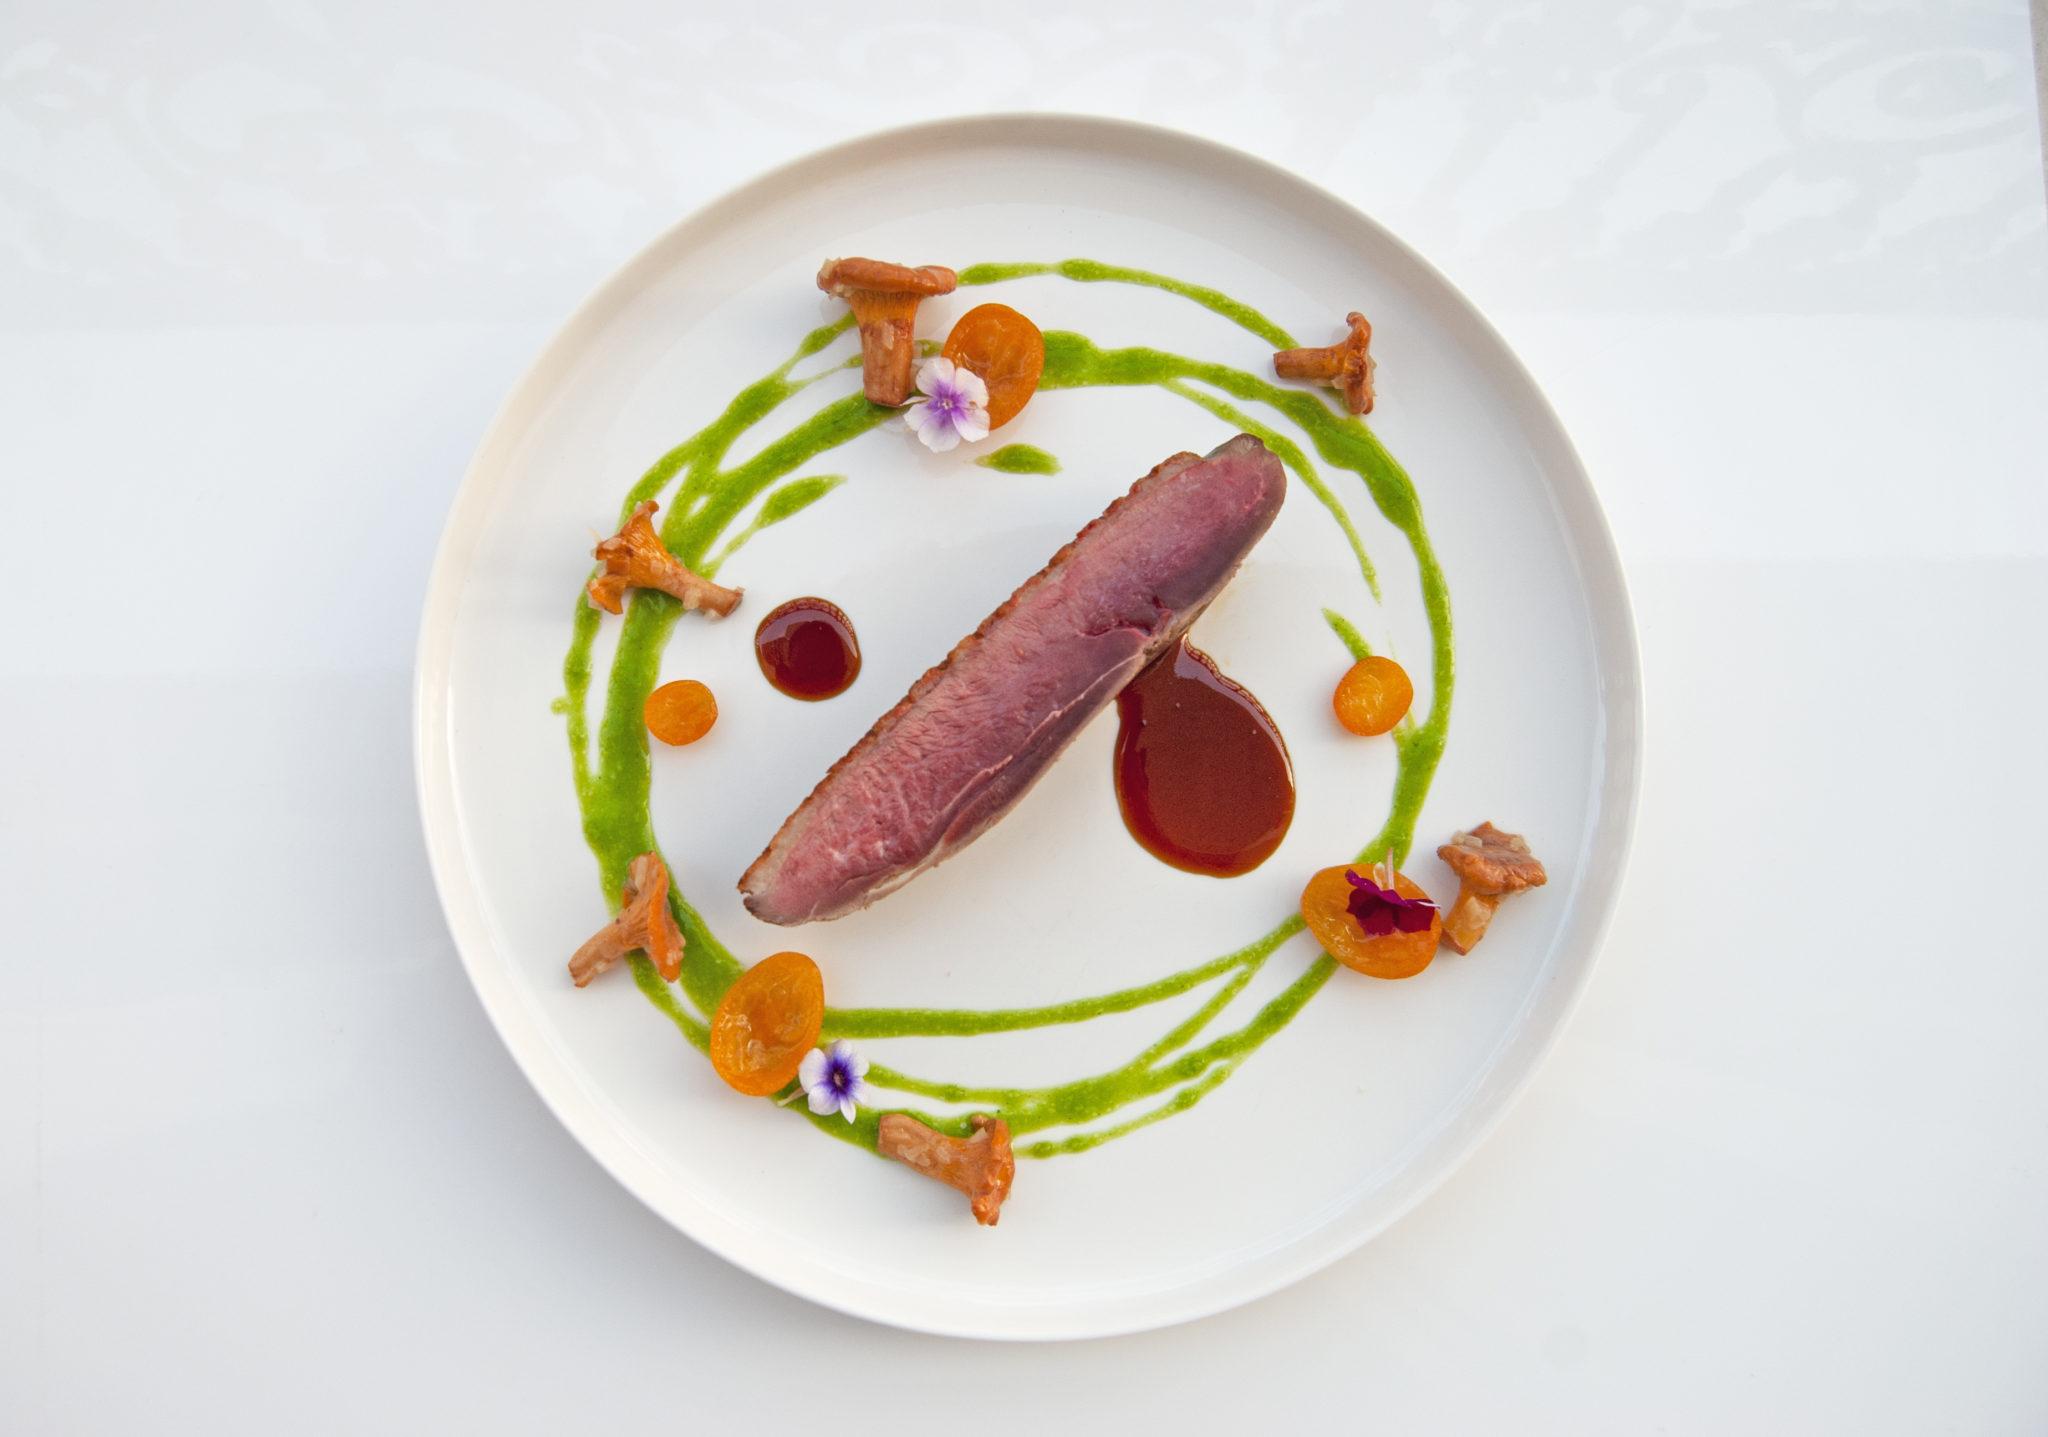 Le magret de canard des landes / girolles / coulis de persil / Kumquat / jus d'agrumes par Adam Brunet Chef à Domicile sur le Bassin d'Arcachon et Bordeaux